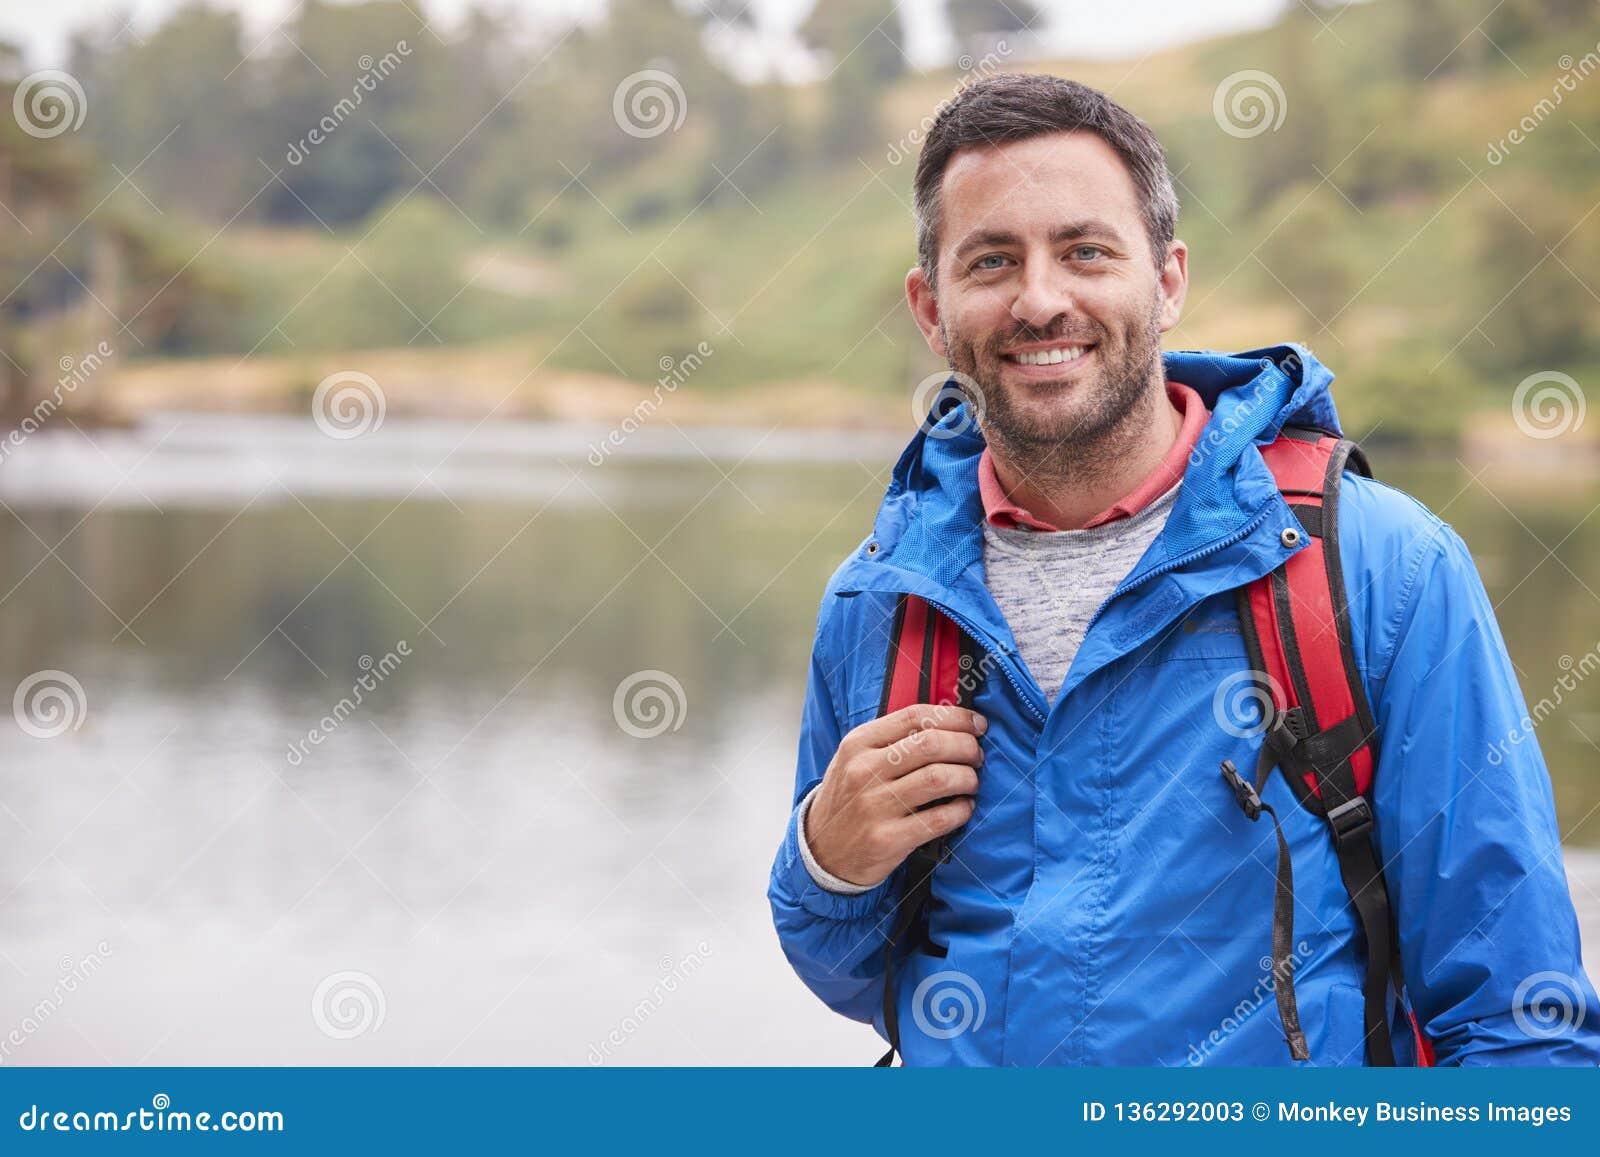 Vuxen man på ett anseende för campa ferie vid en sjö som ler till kameran, stående, sjöområde, UK